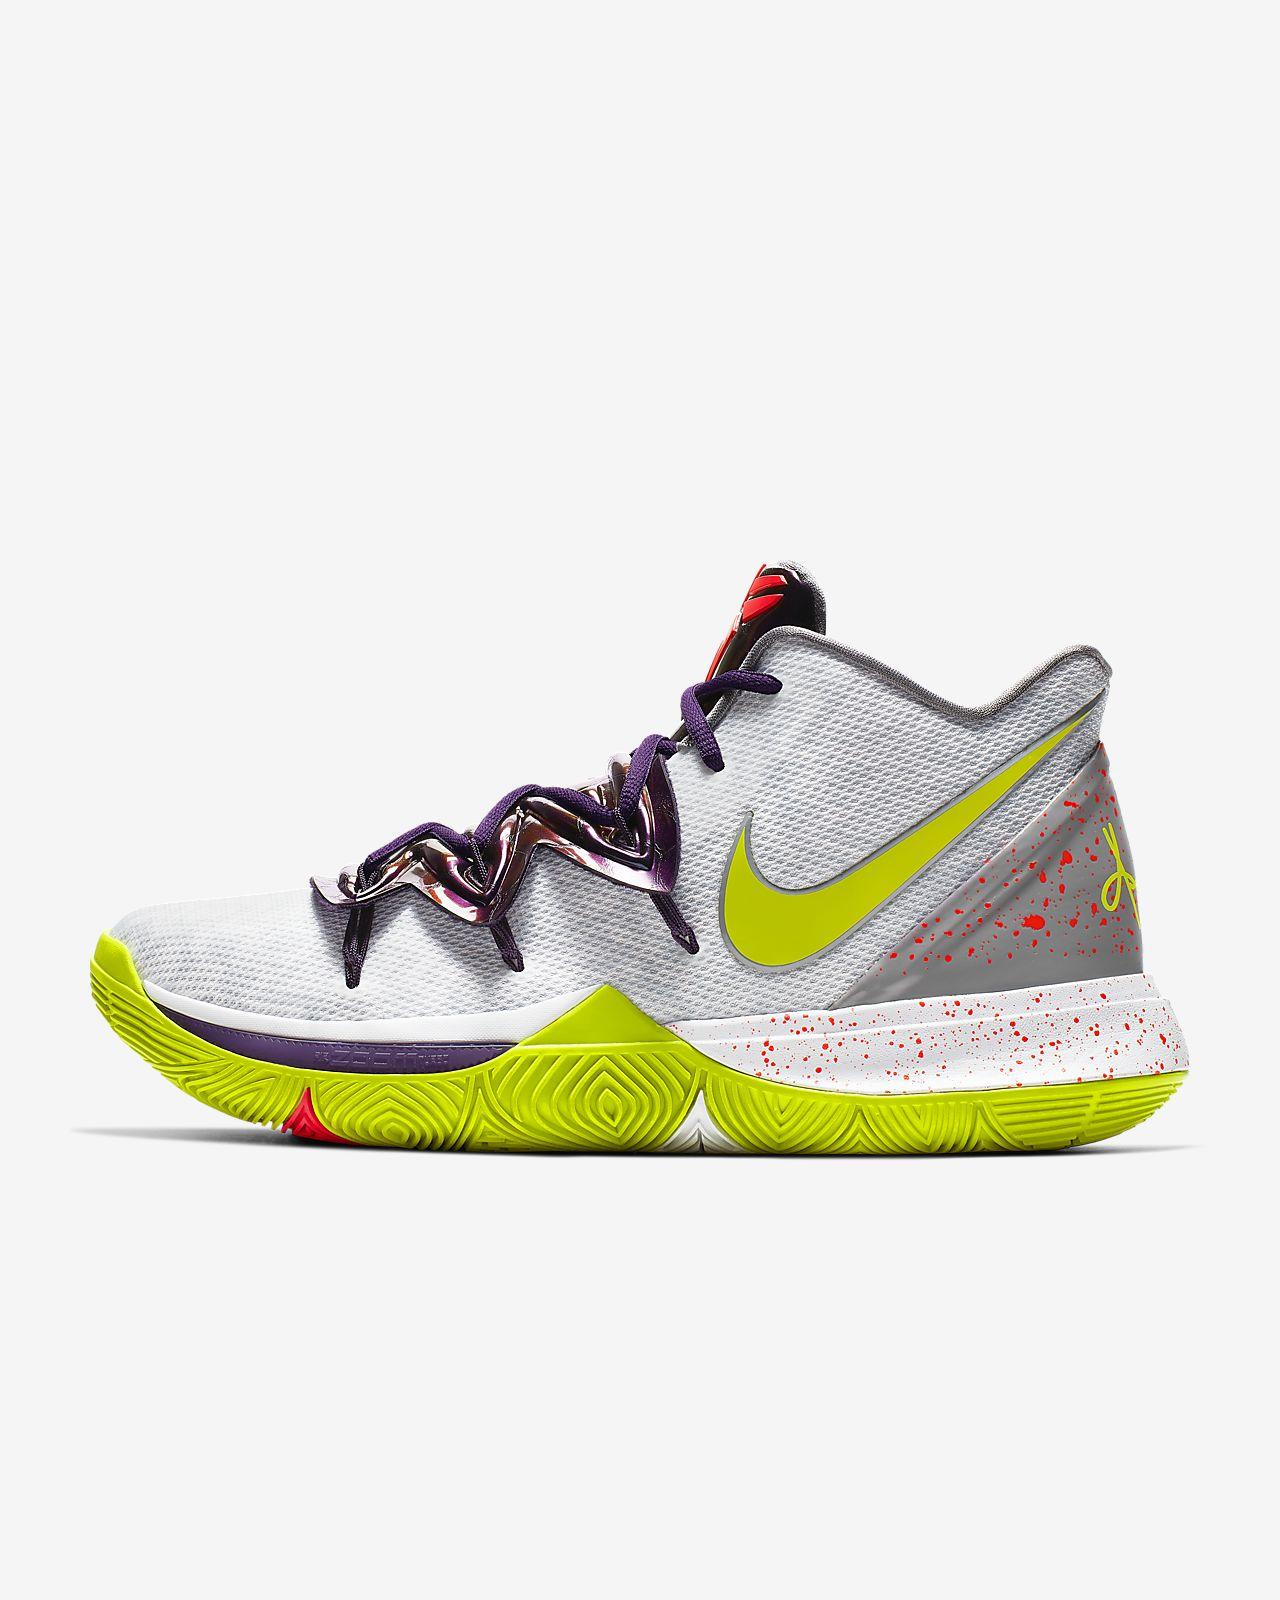 be024f107d Kyrie 5 Basketball Shoe. Nike.com